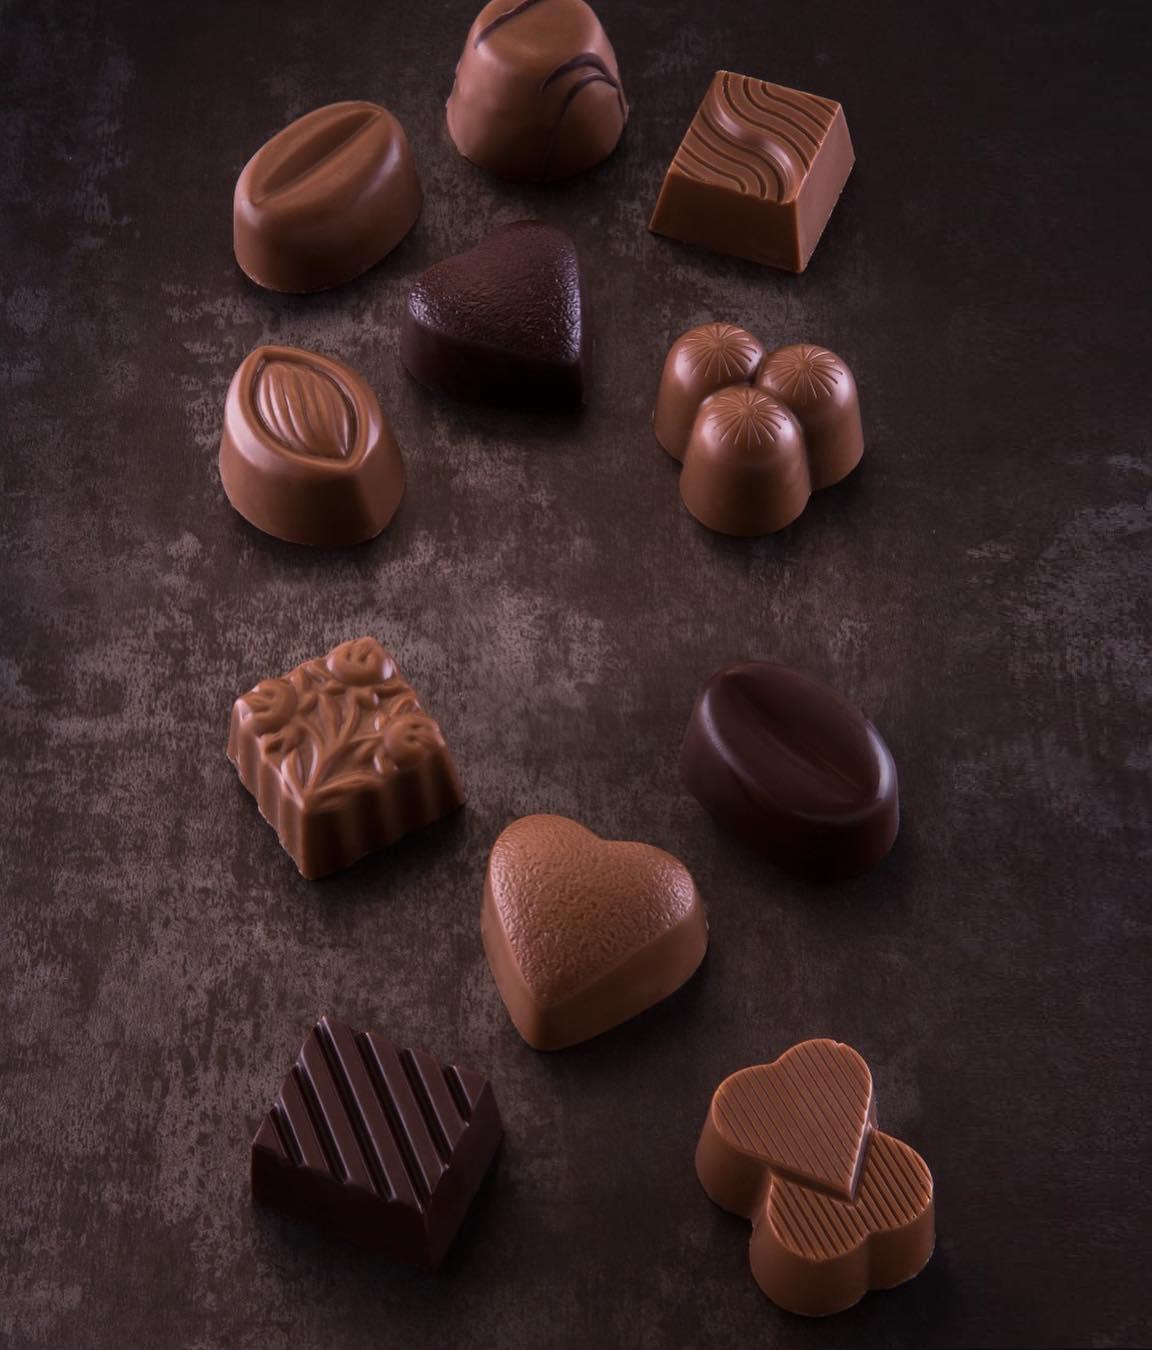 ❤️🍫❤️ #chocolate #çikolata #pralin #spesiyal #fındık #krema #karamel #badem #bal #kapuçino #ganaş #tahin